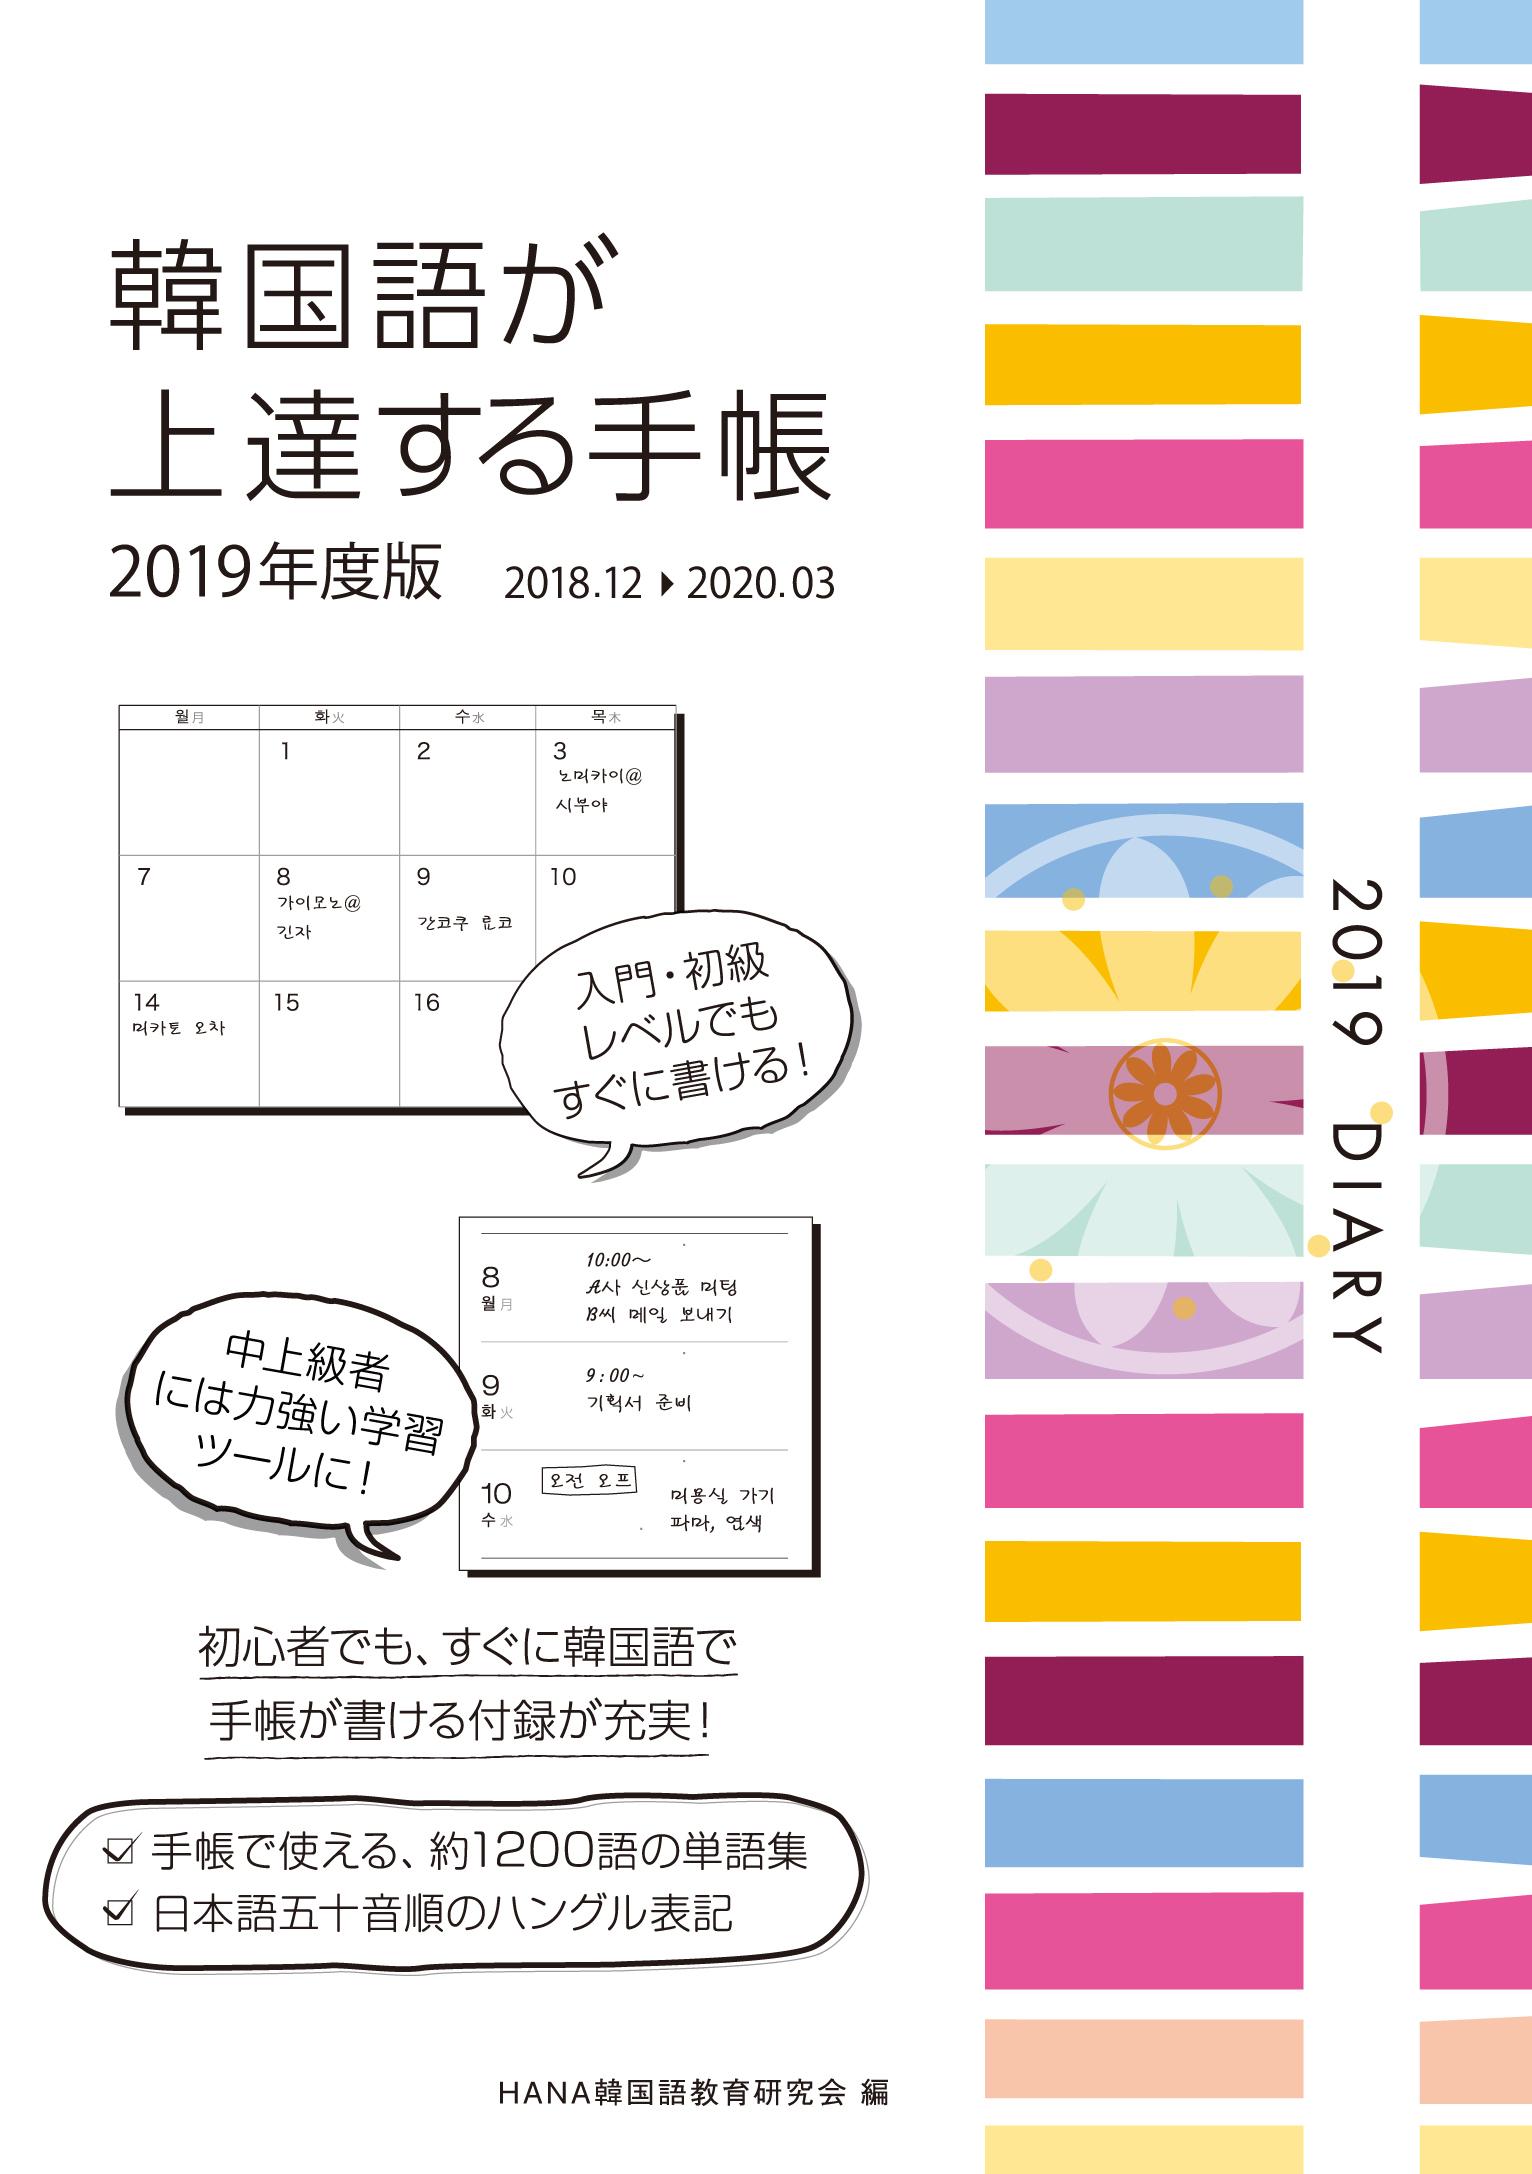 『韓国語が上達する手帳2019年度版』のイメージ